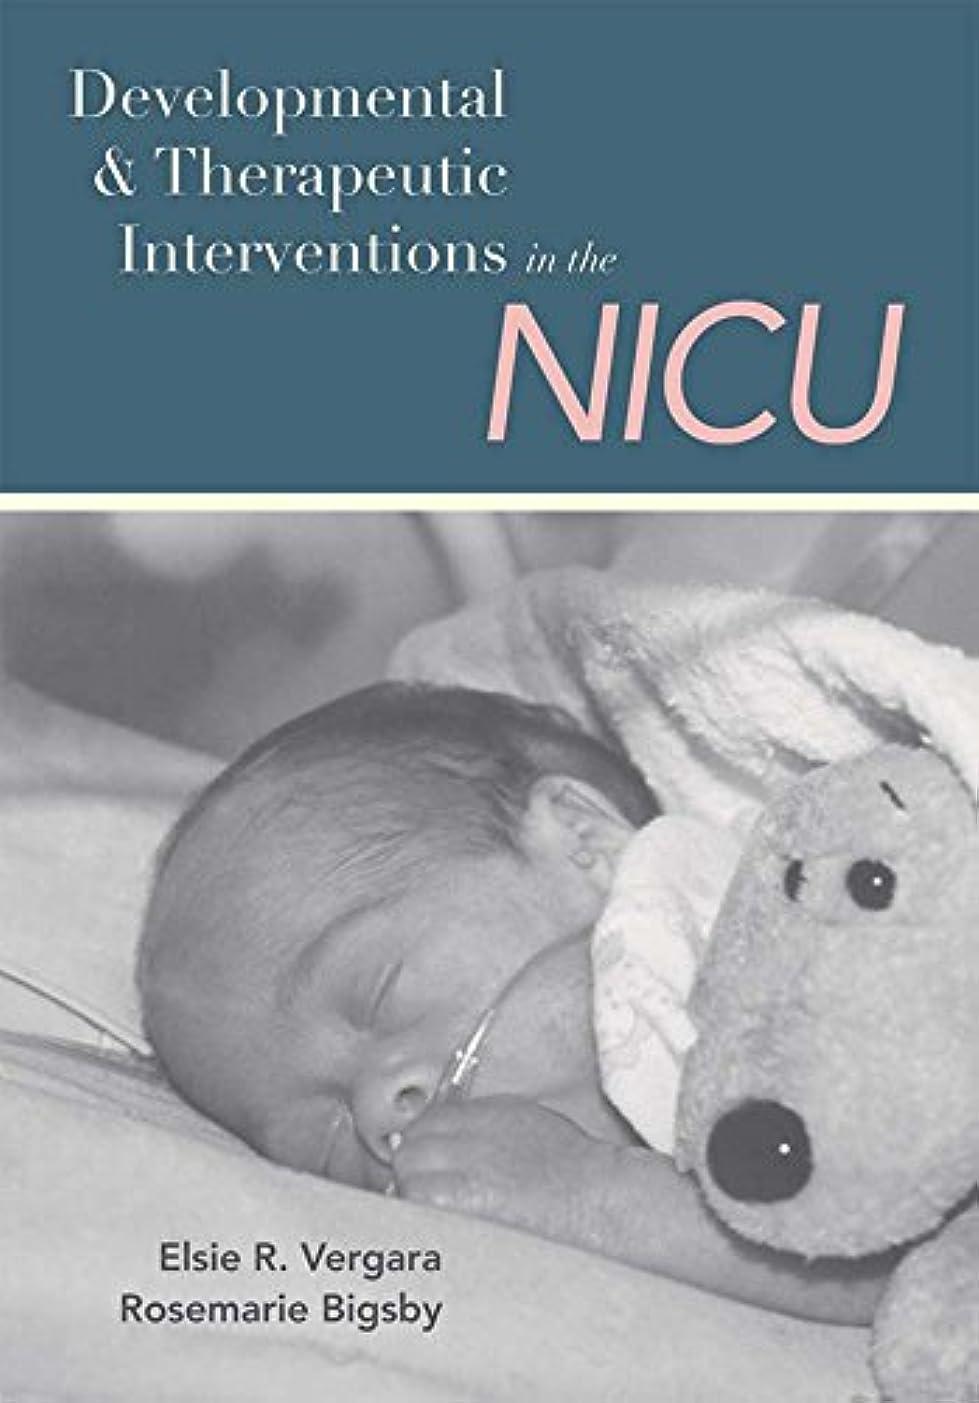 履歴書信仰ベースDevelopmental and Therapeutic Interventions in the Nicu